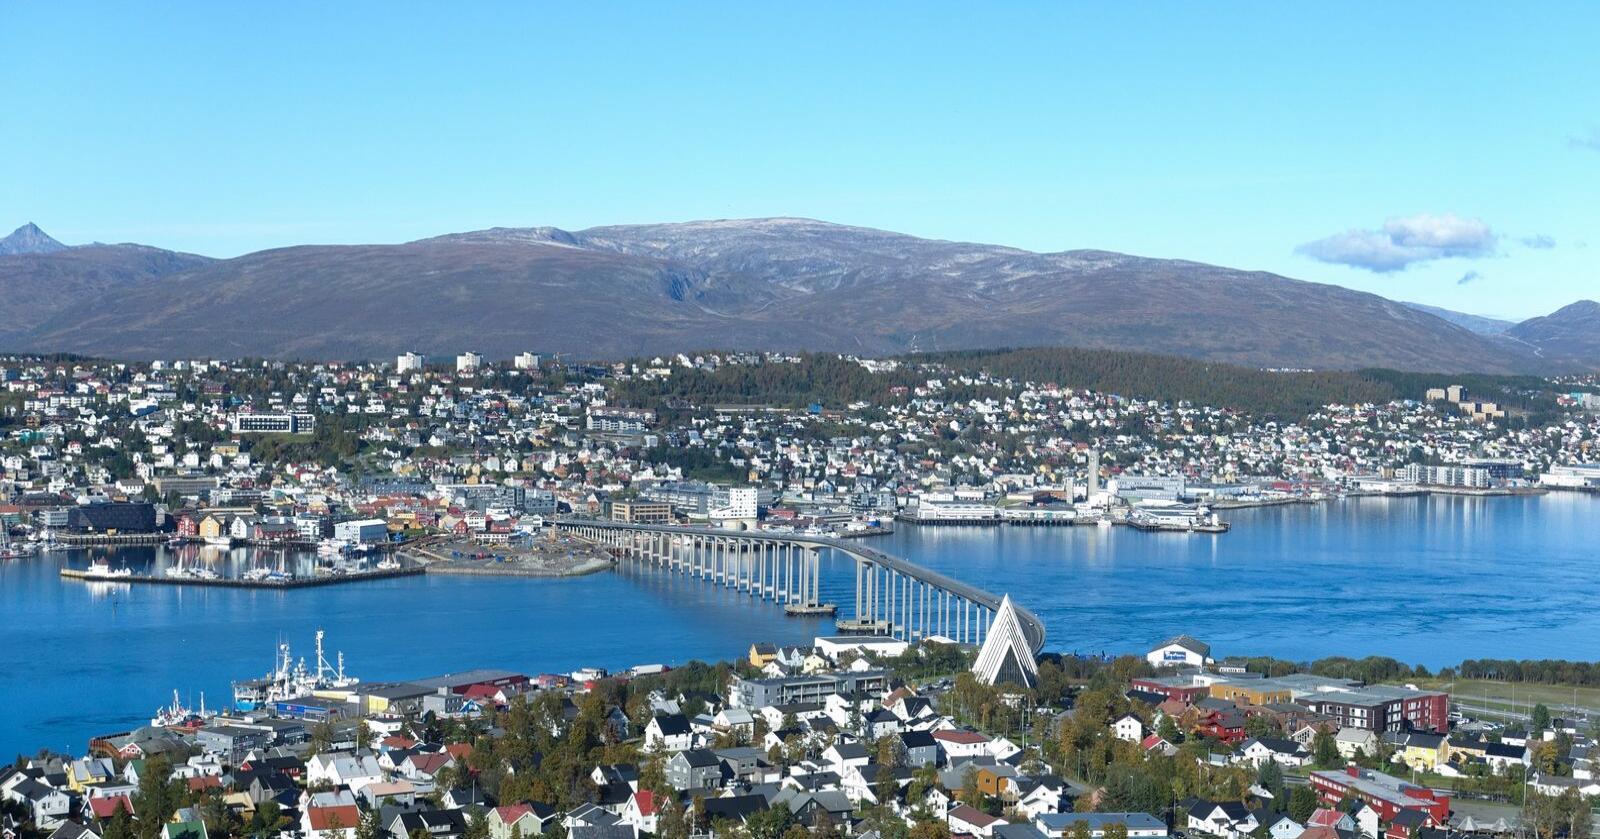 Utsikt over Tromsø by fra Fjellheisen. Tromsø kan bli sentrum for et politisk skifte på høyresiden i Nord-Norge. Foto: Marianne Løvland / NTB scanpix